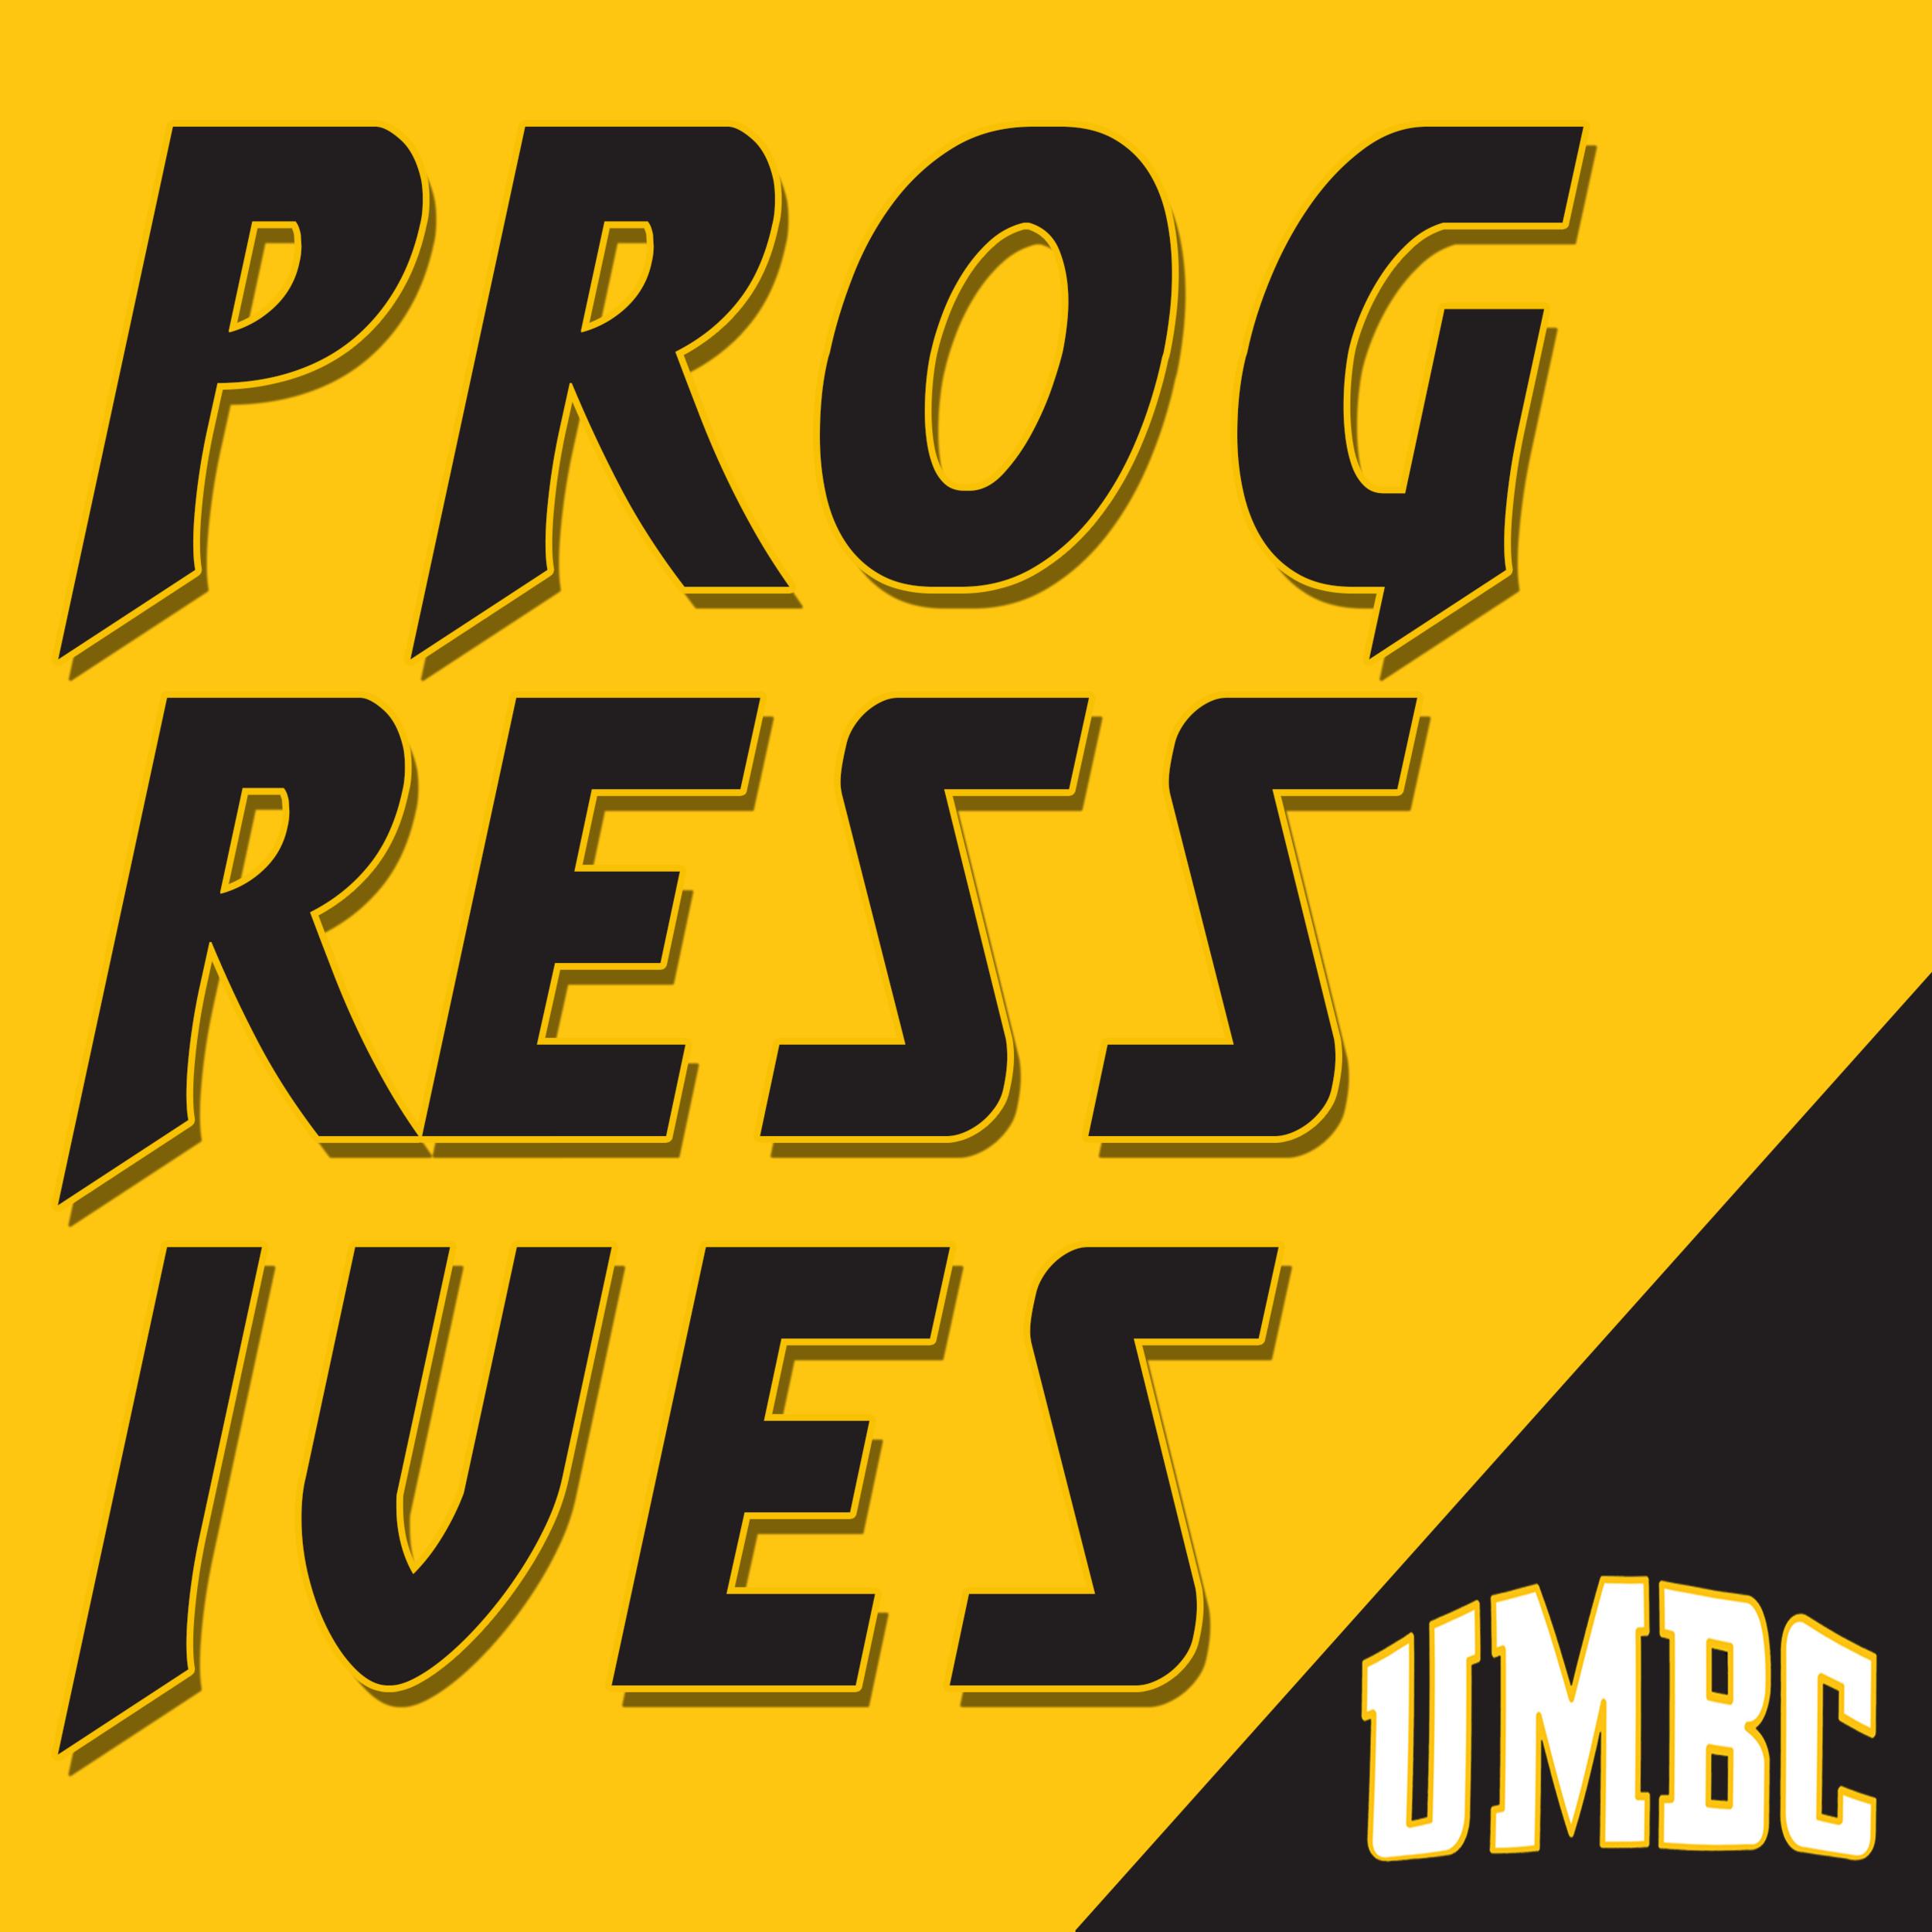 UMBCprogressiveslogo2.png